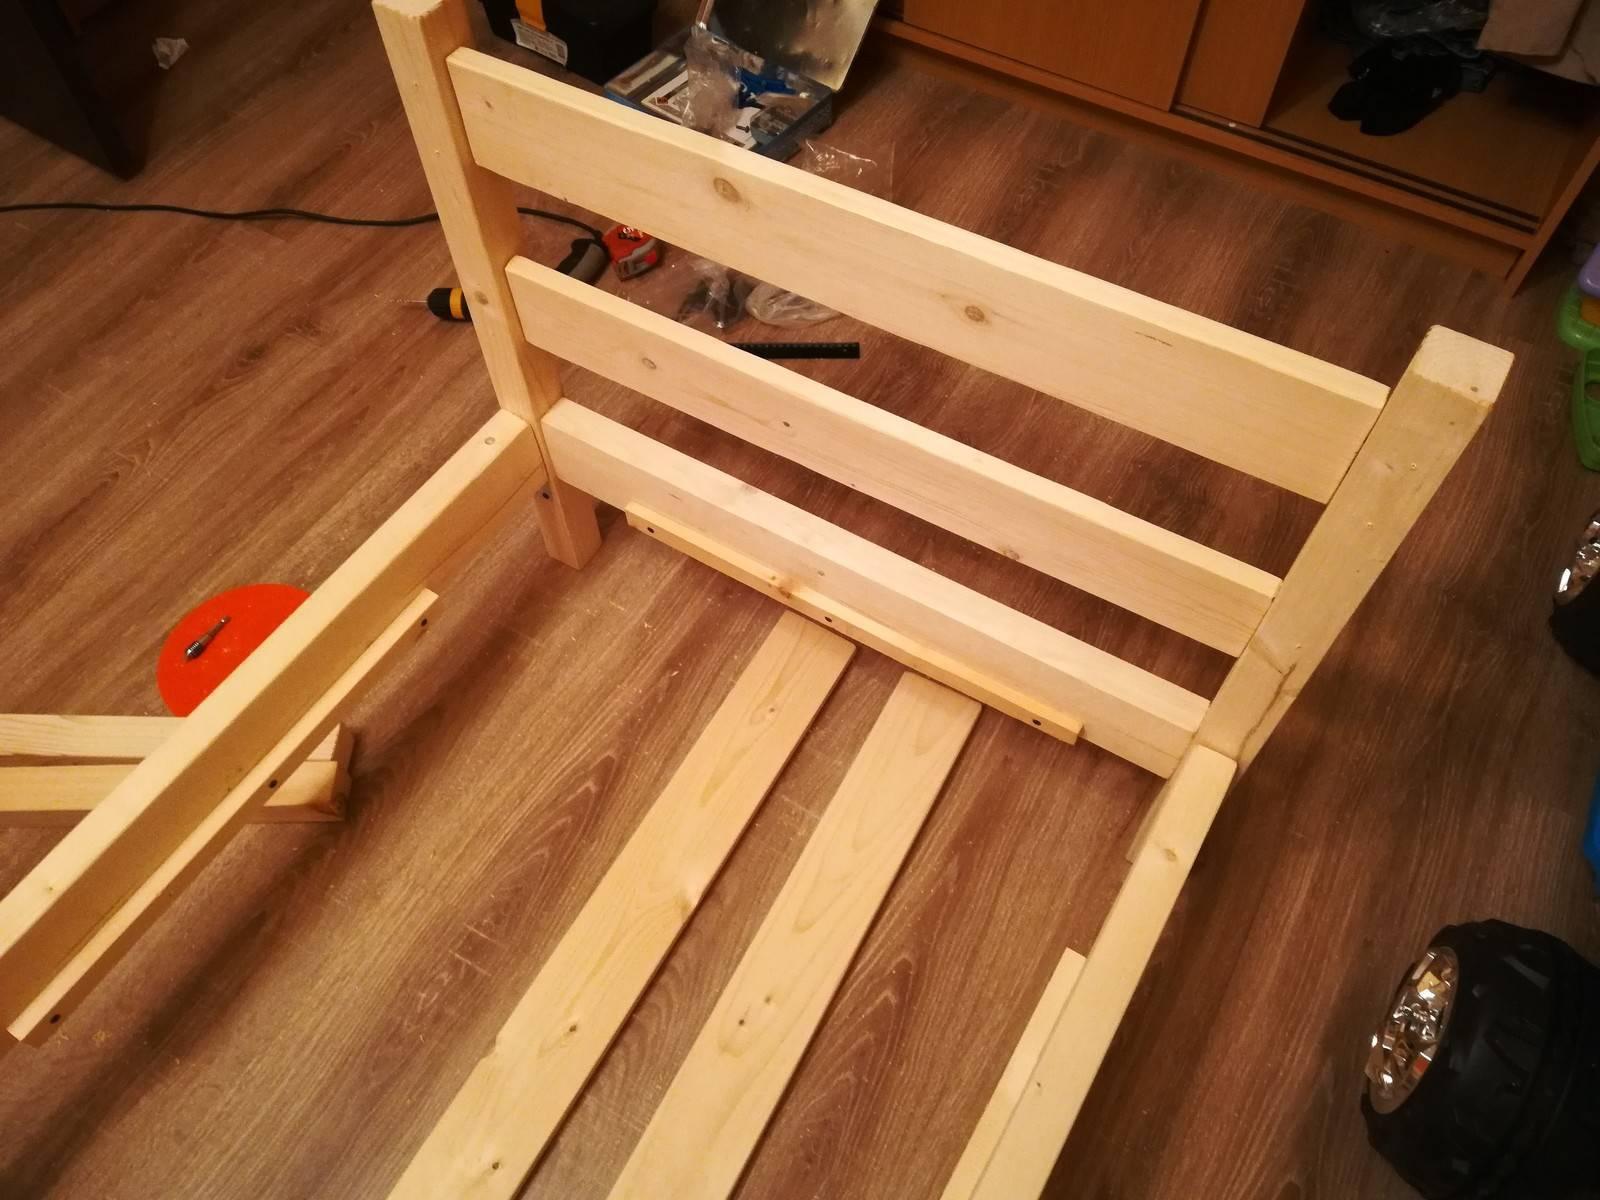 Детская кровать своими руками из дерева: как подобрать чертеж и инструменты, как изготовить элементы и сделать лучшую деревянную мебель для ребенка